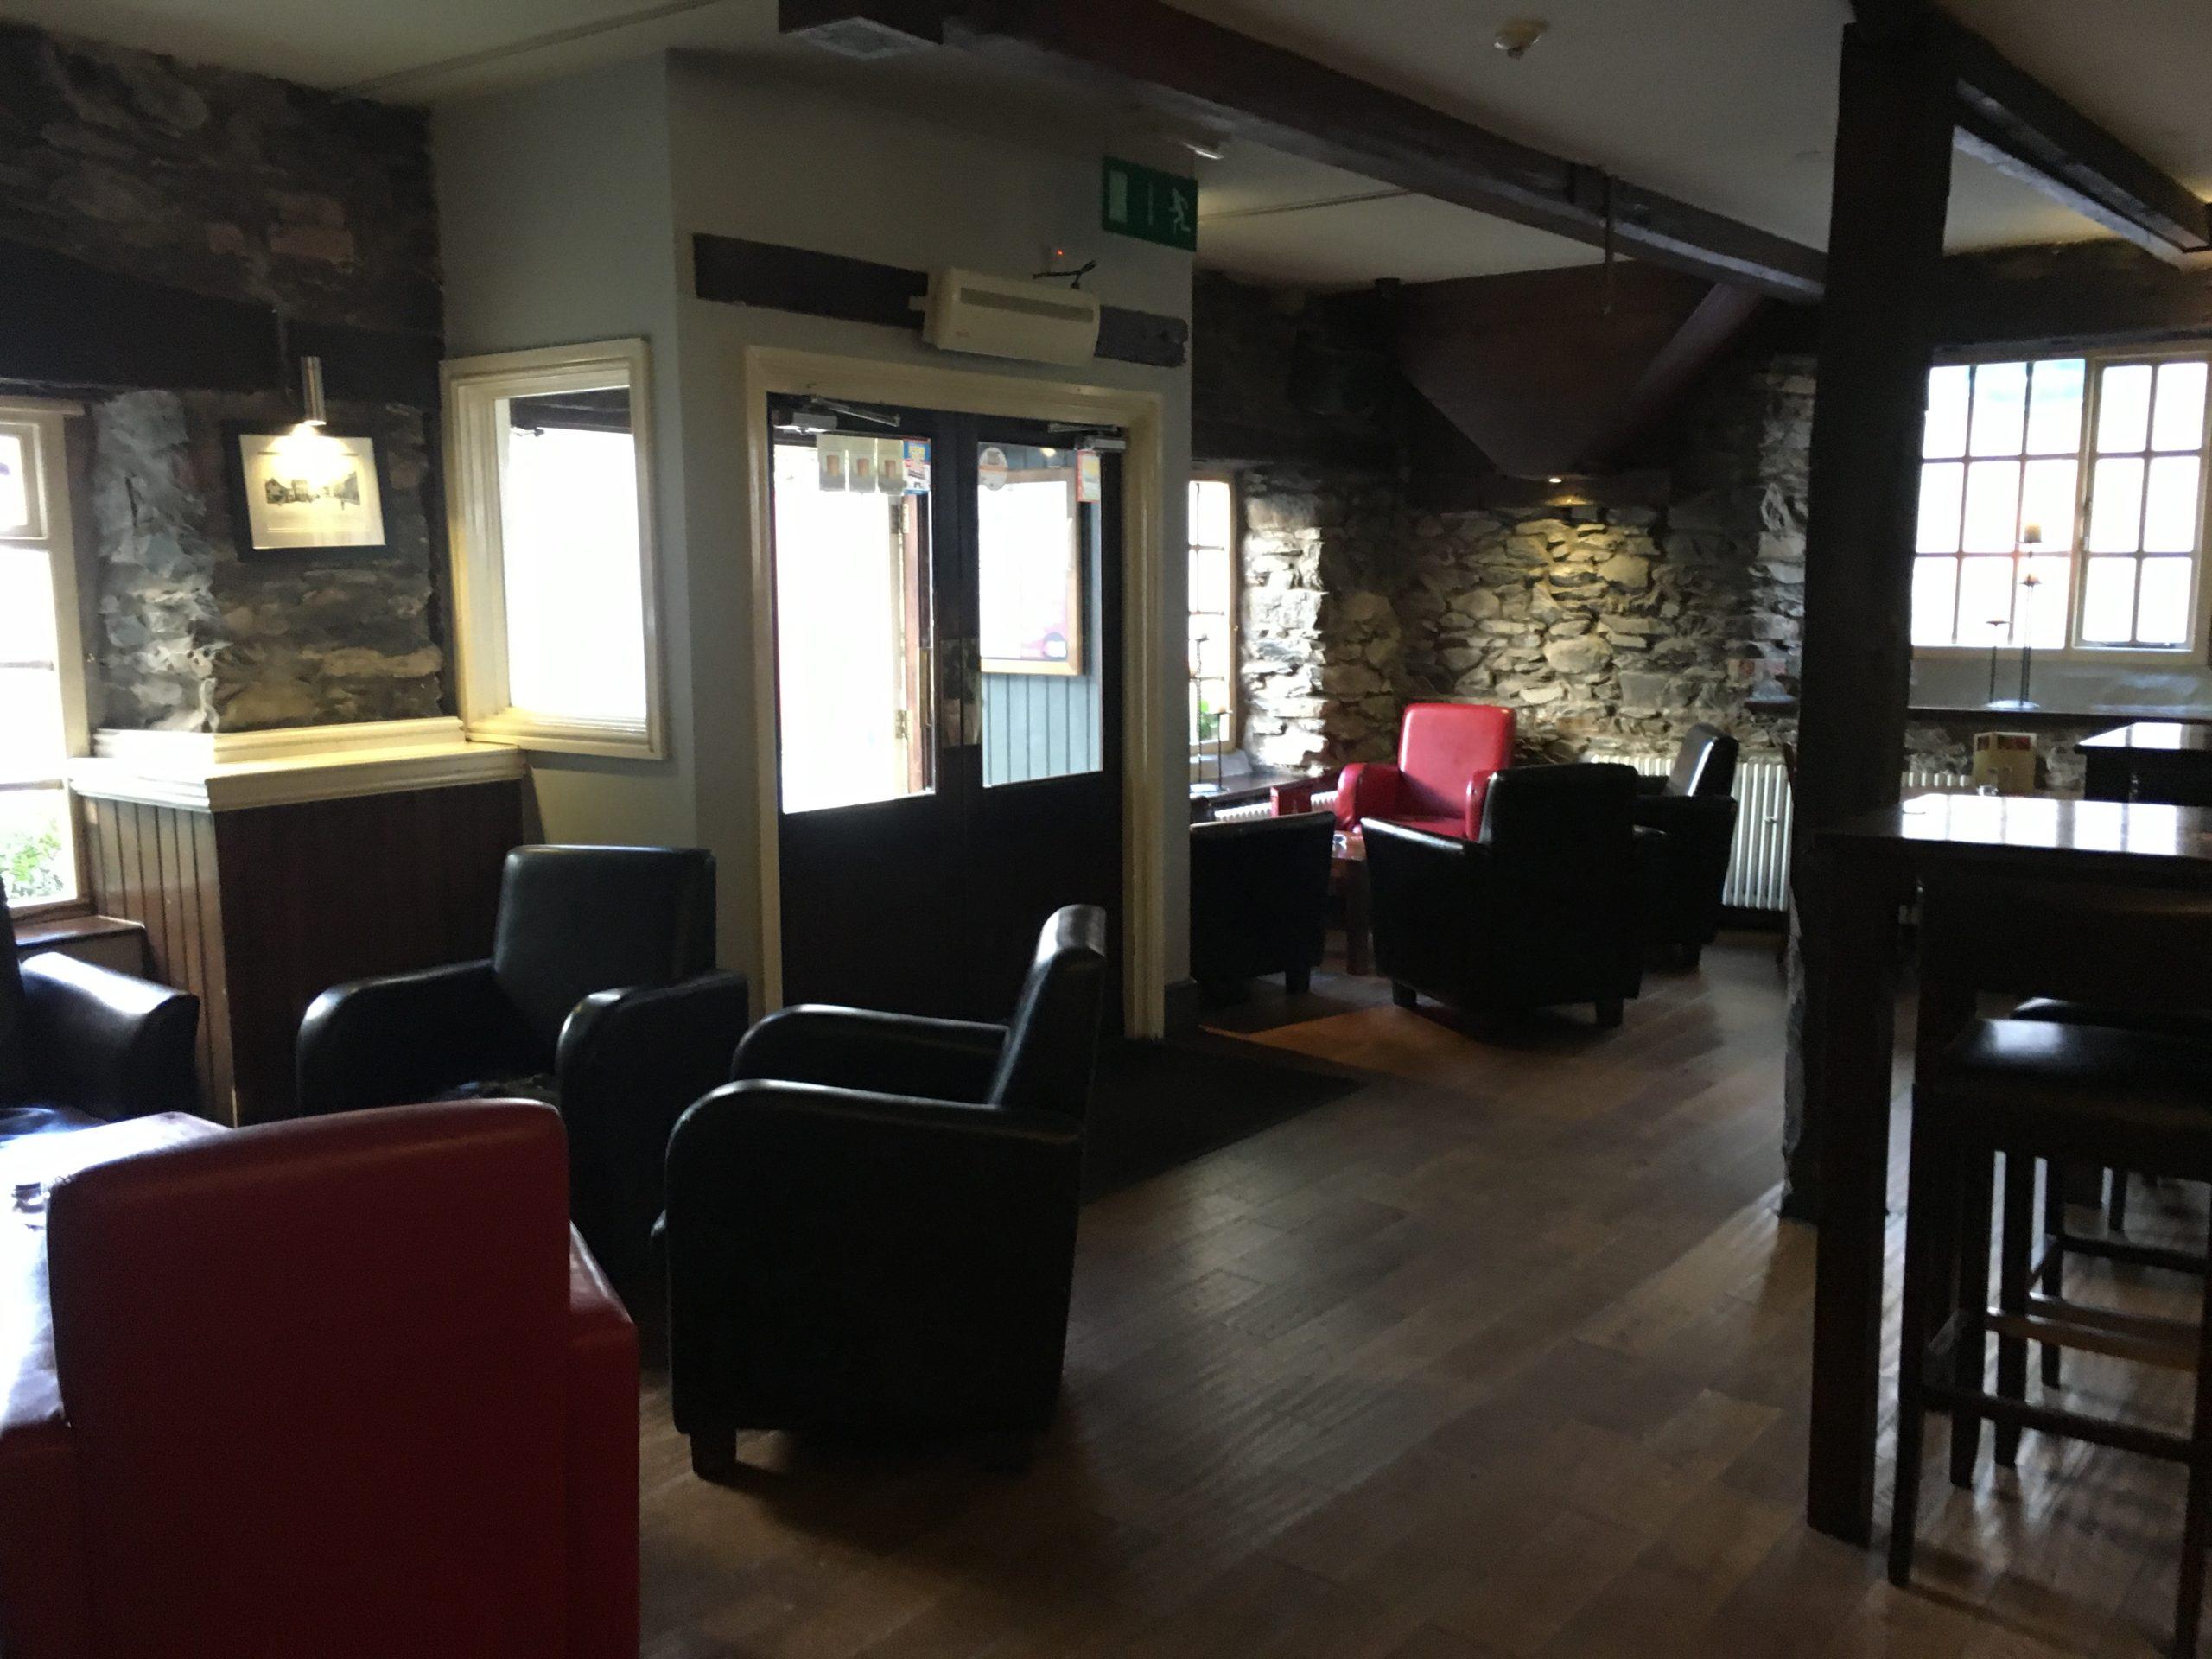 The Mill at Ulverston, Gastropub, interior design by Amelia Wilson Interiors Ltd